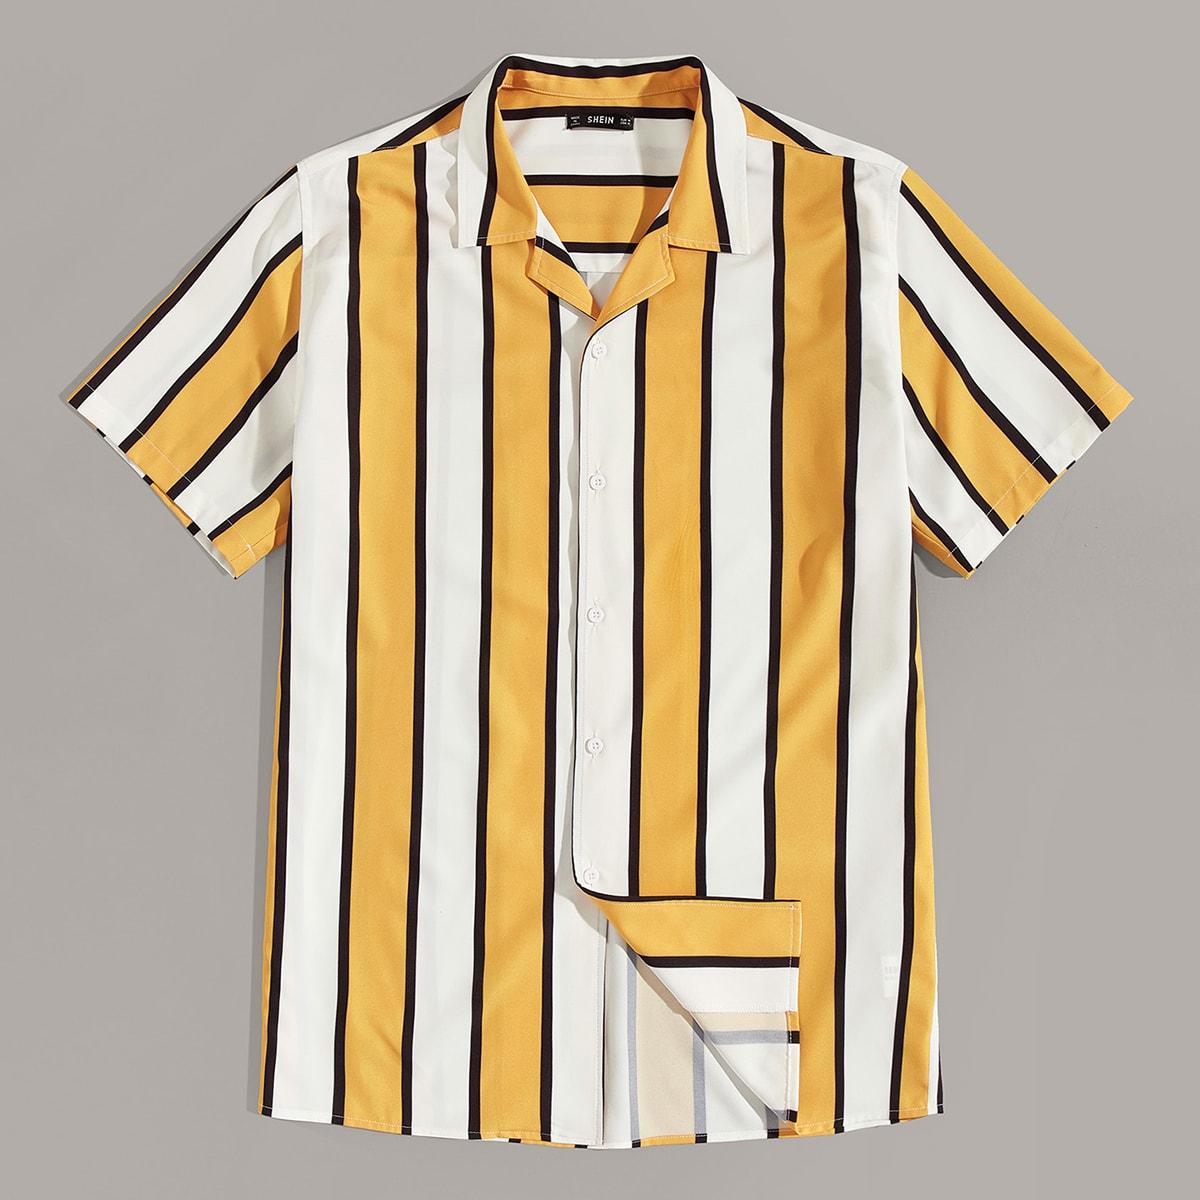 Veel kleurig Casual Gestreept Overhemden voor heren Voorpand met Knoopjes